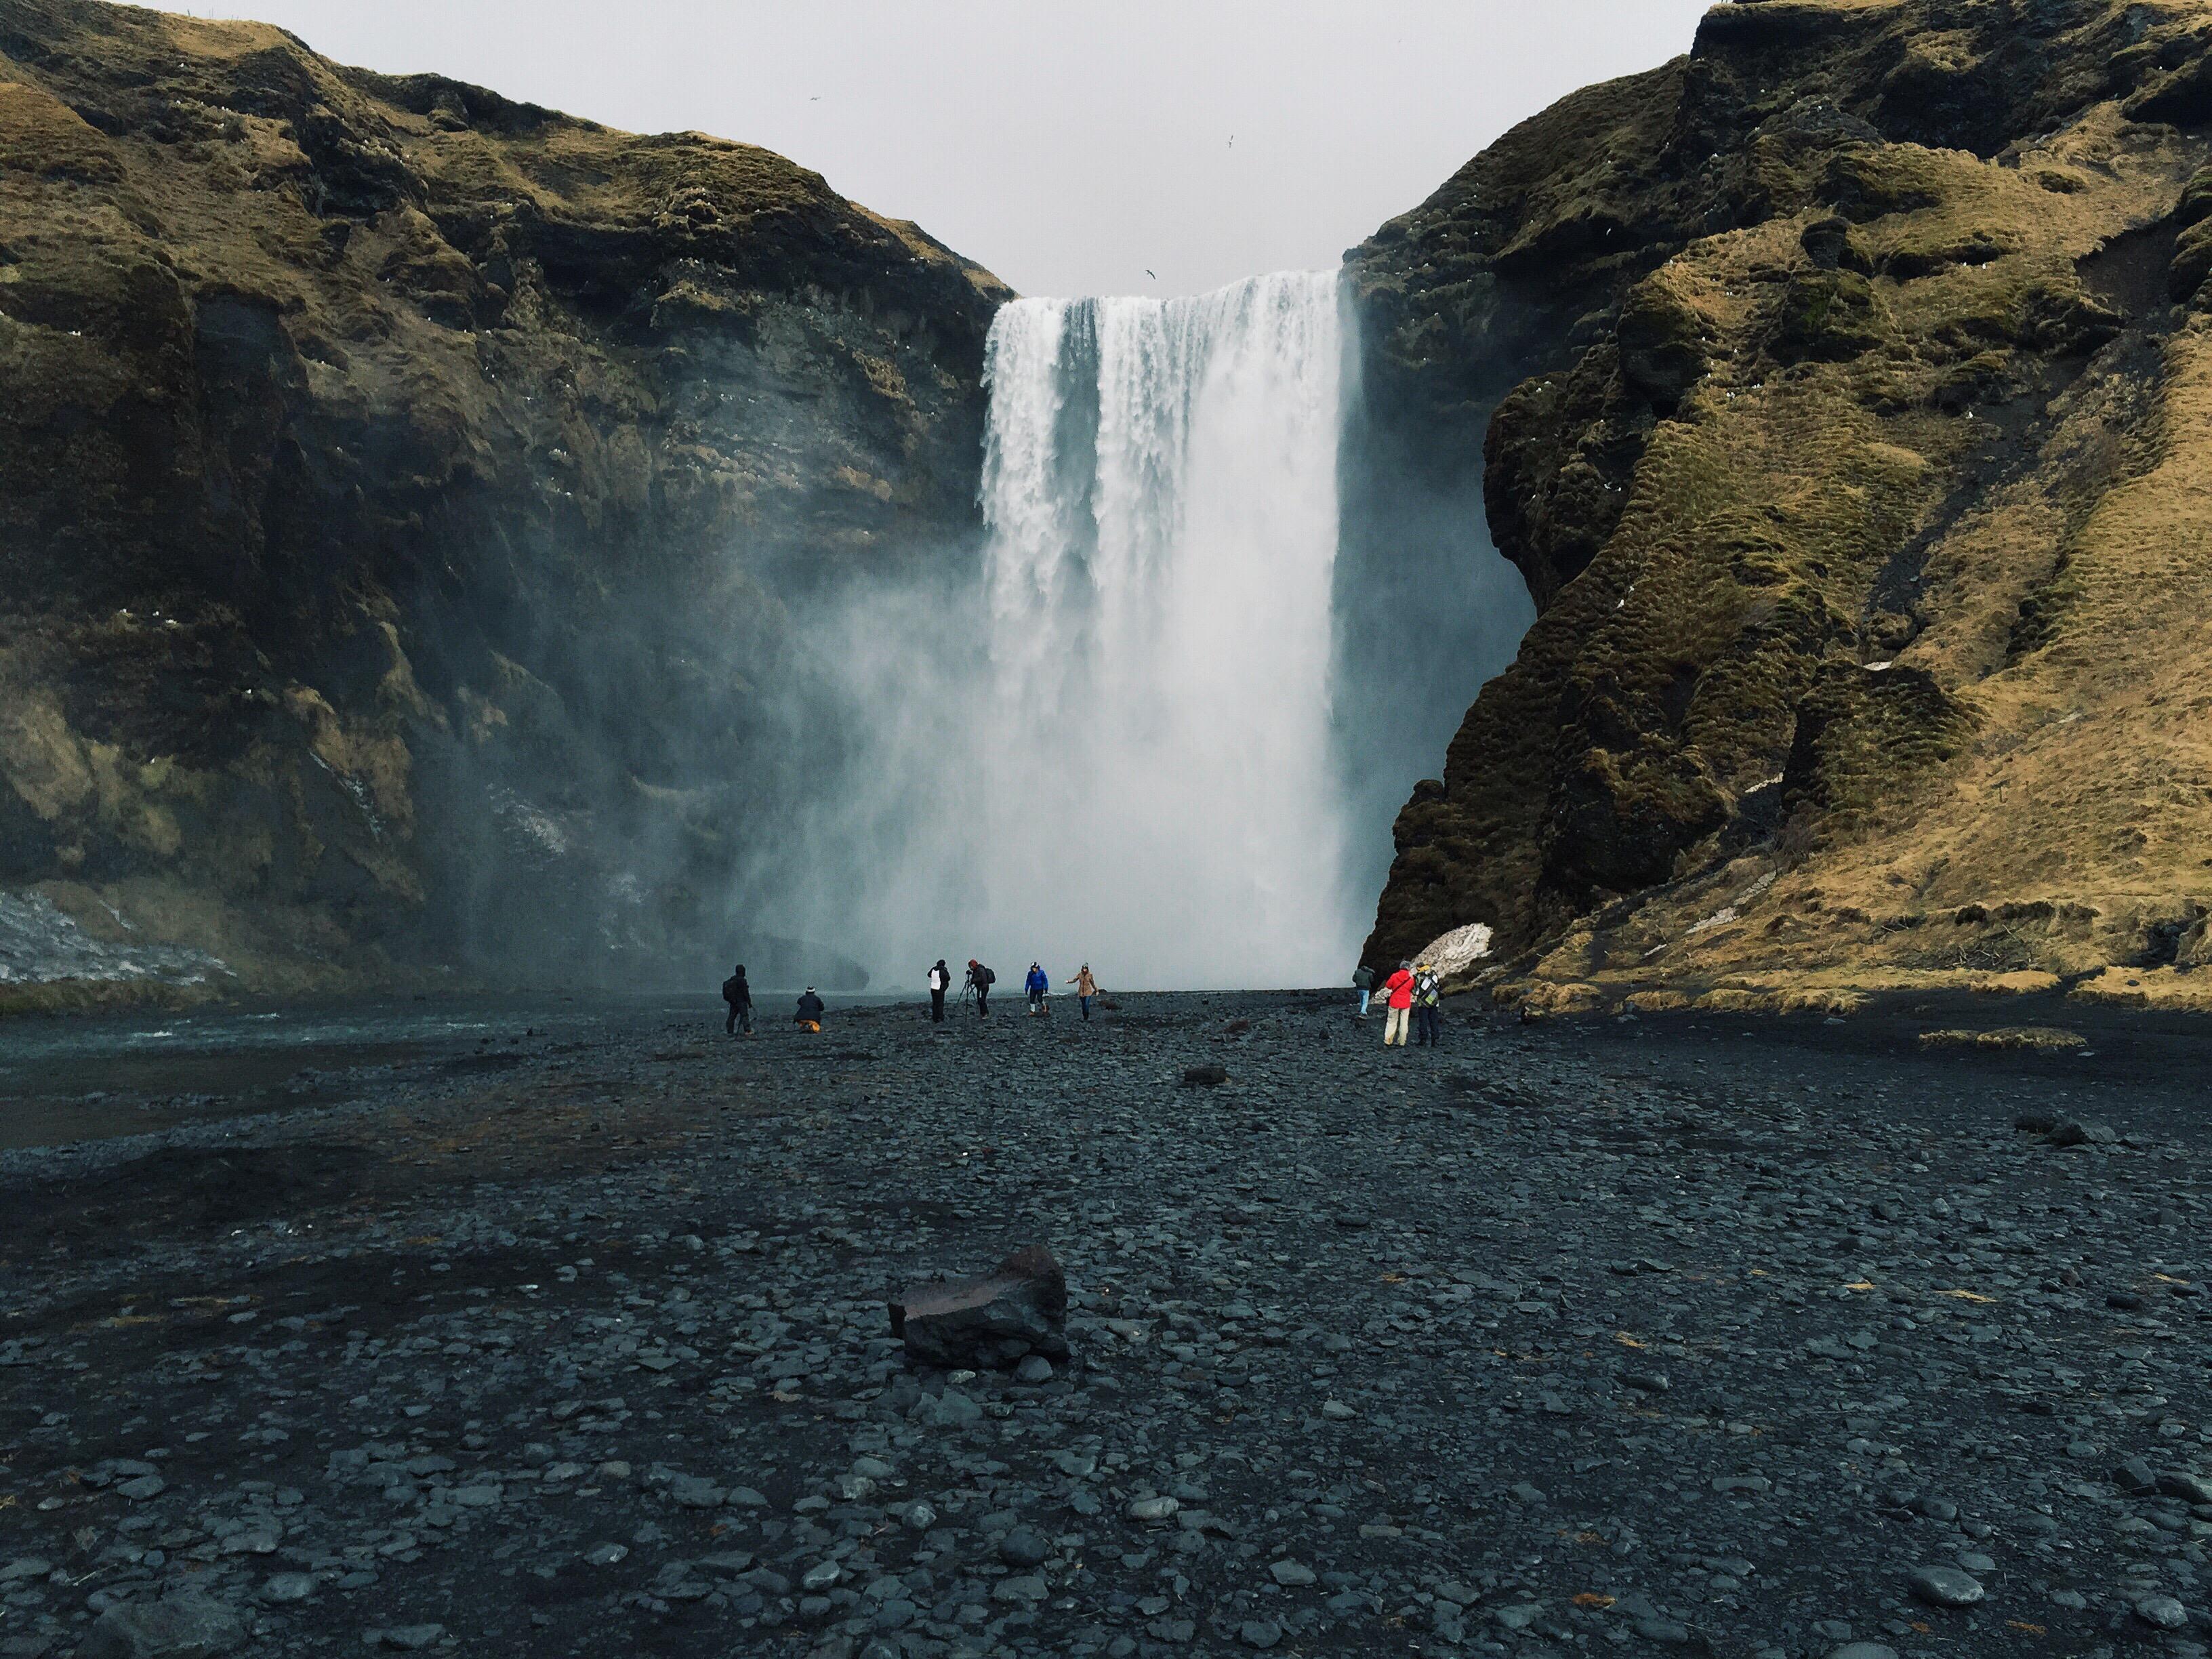 น้ำตกสโกการ์ฟอสส์อันยิ่งใหญ่เป็นหนึ่งในสถานที่ท่องเที่ยวทางธรรมชาติที่มีคนนิยมมากที่สุดในไอซ์แลนด์